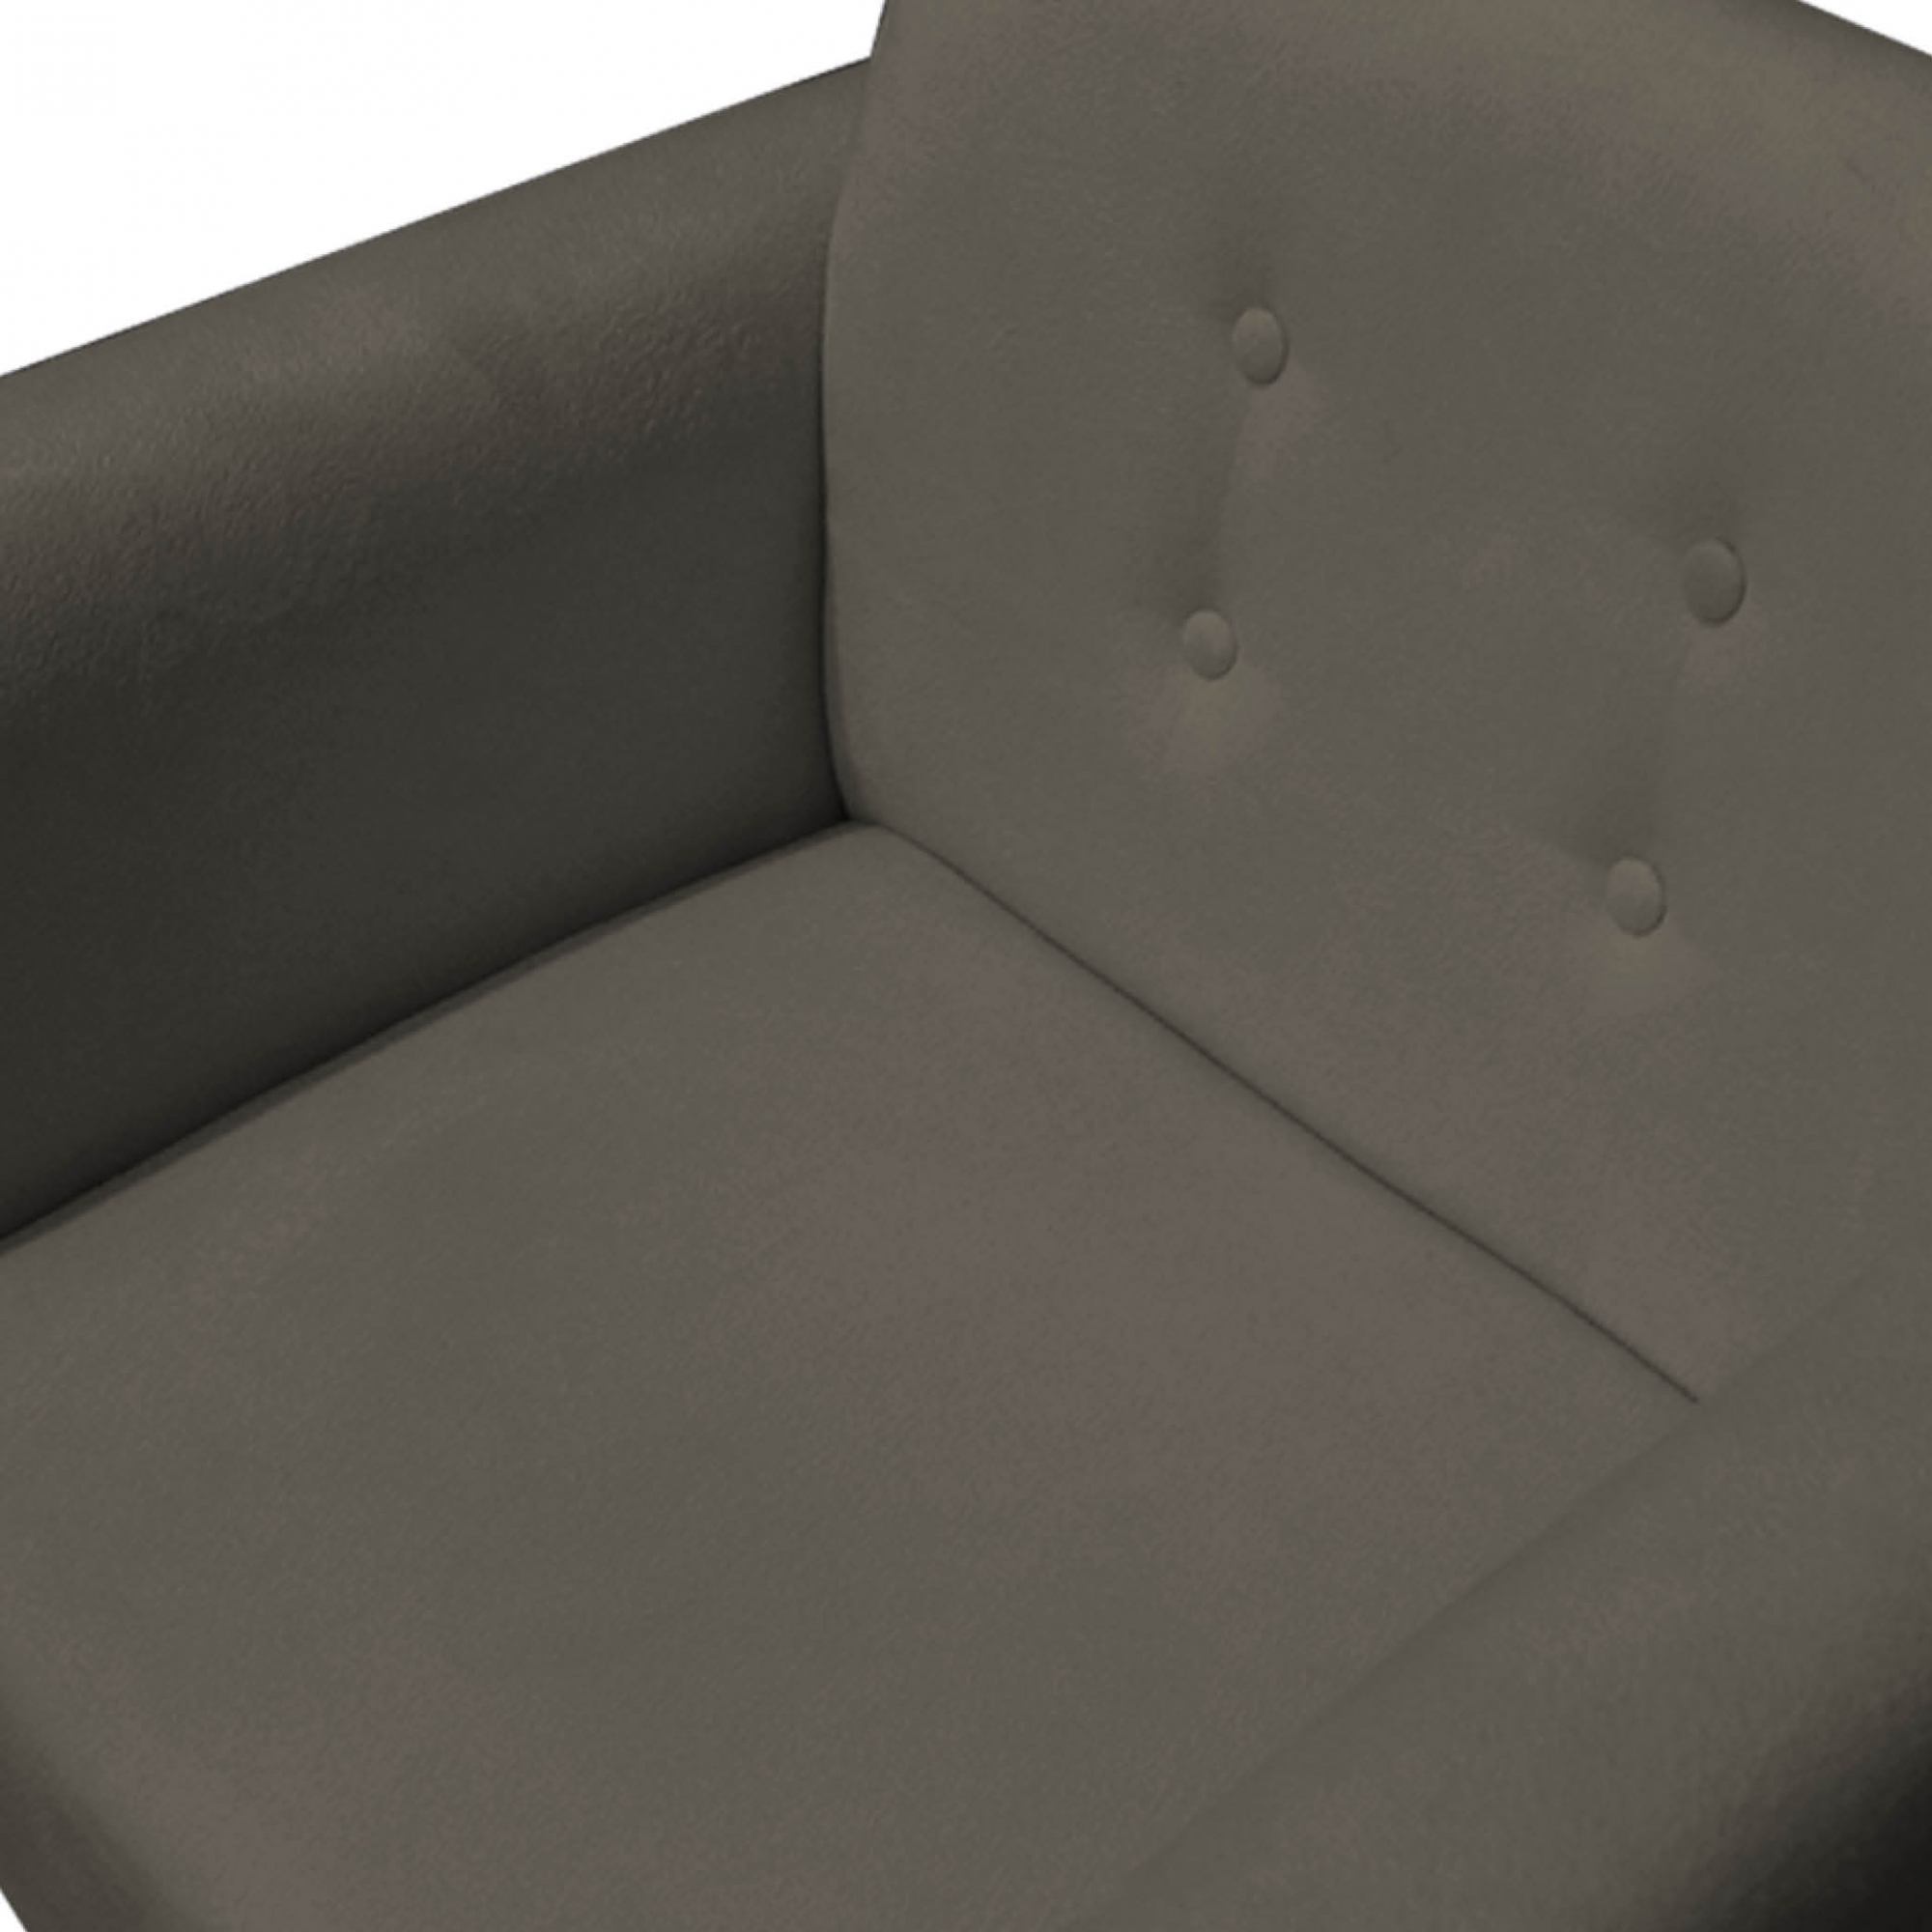 Kit 5 Poltrona Duda Decoraçâo Pé Palito Cadeira Recepção Escritório Clinica D'Classe Decor Suede Marrom Rato